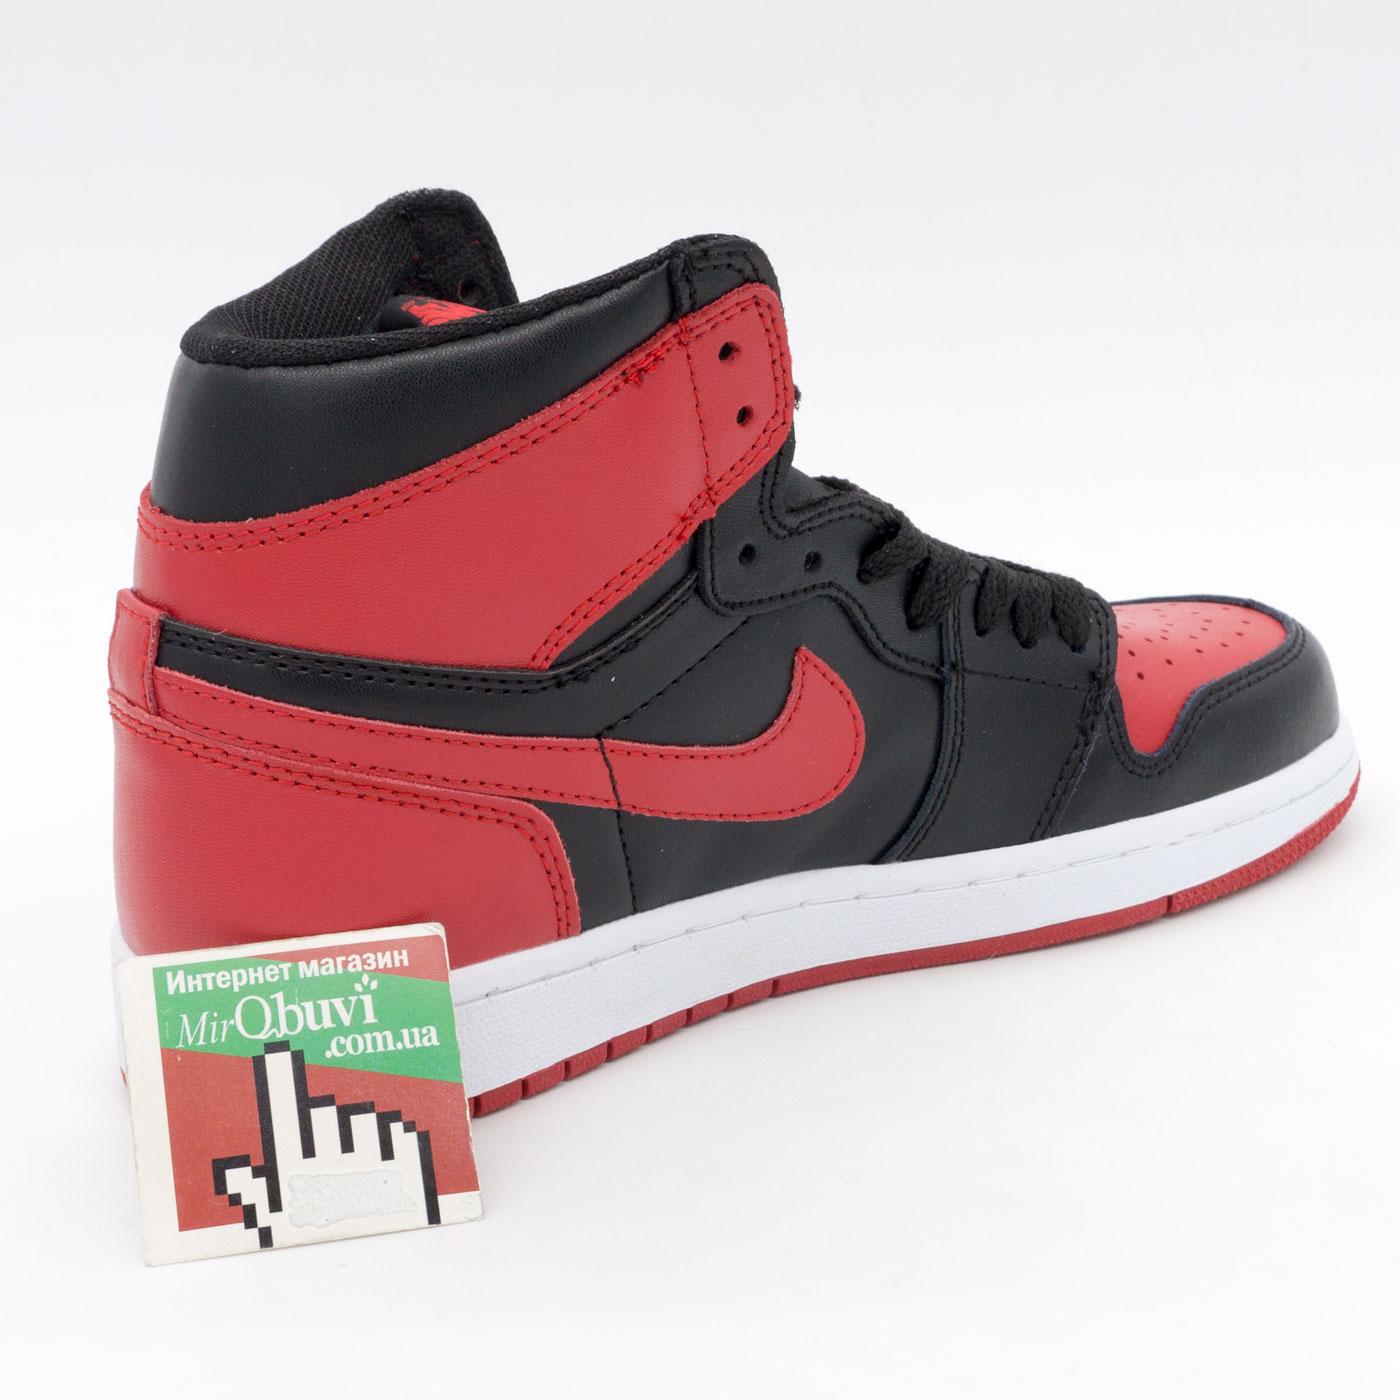 фото bottom Высокие черные c красным кроссовки Nike Air Jordan 1 . Топ качество! bottom